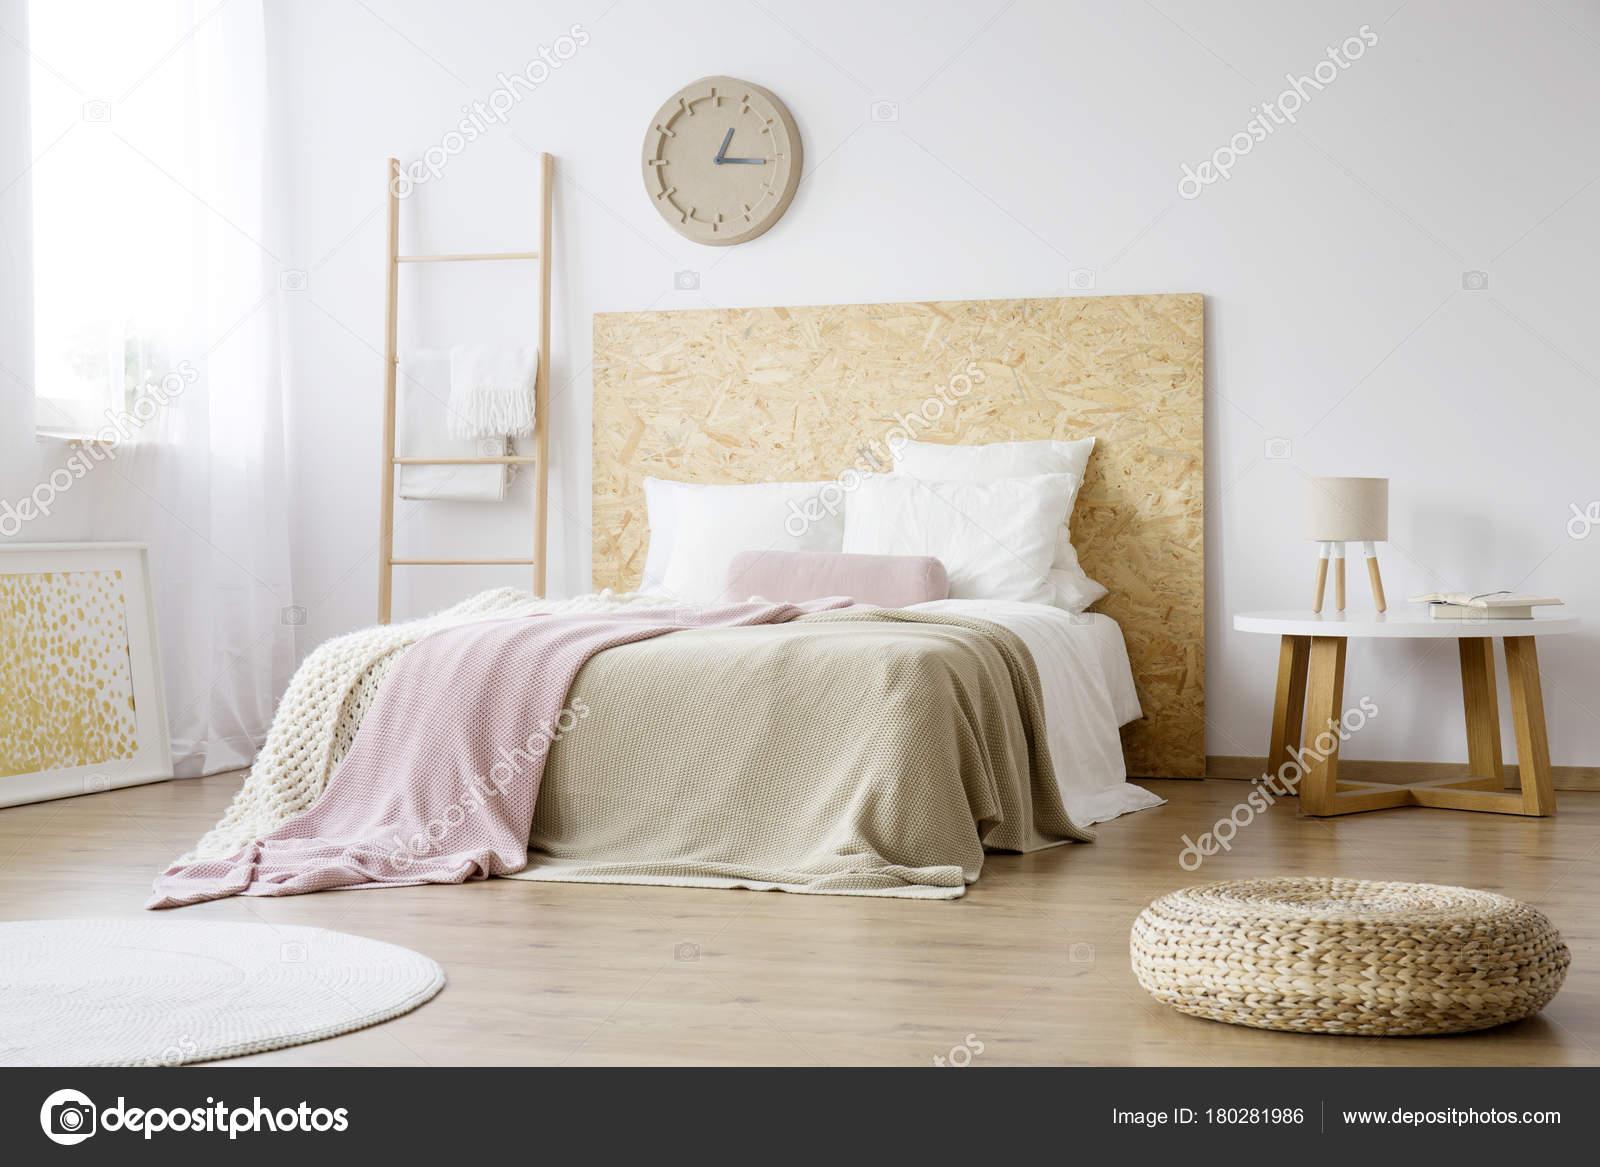 Camera Da Letto Legno Naturale : Camera da letto naturale con mobili in legno u foto stock